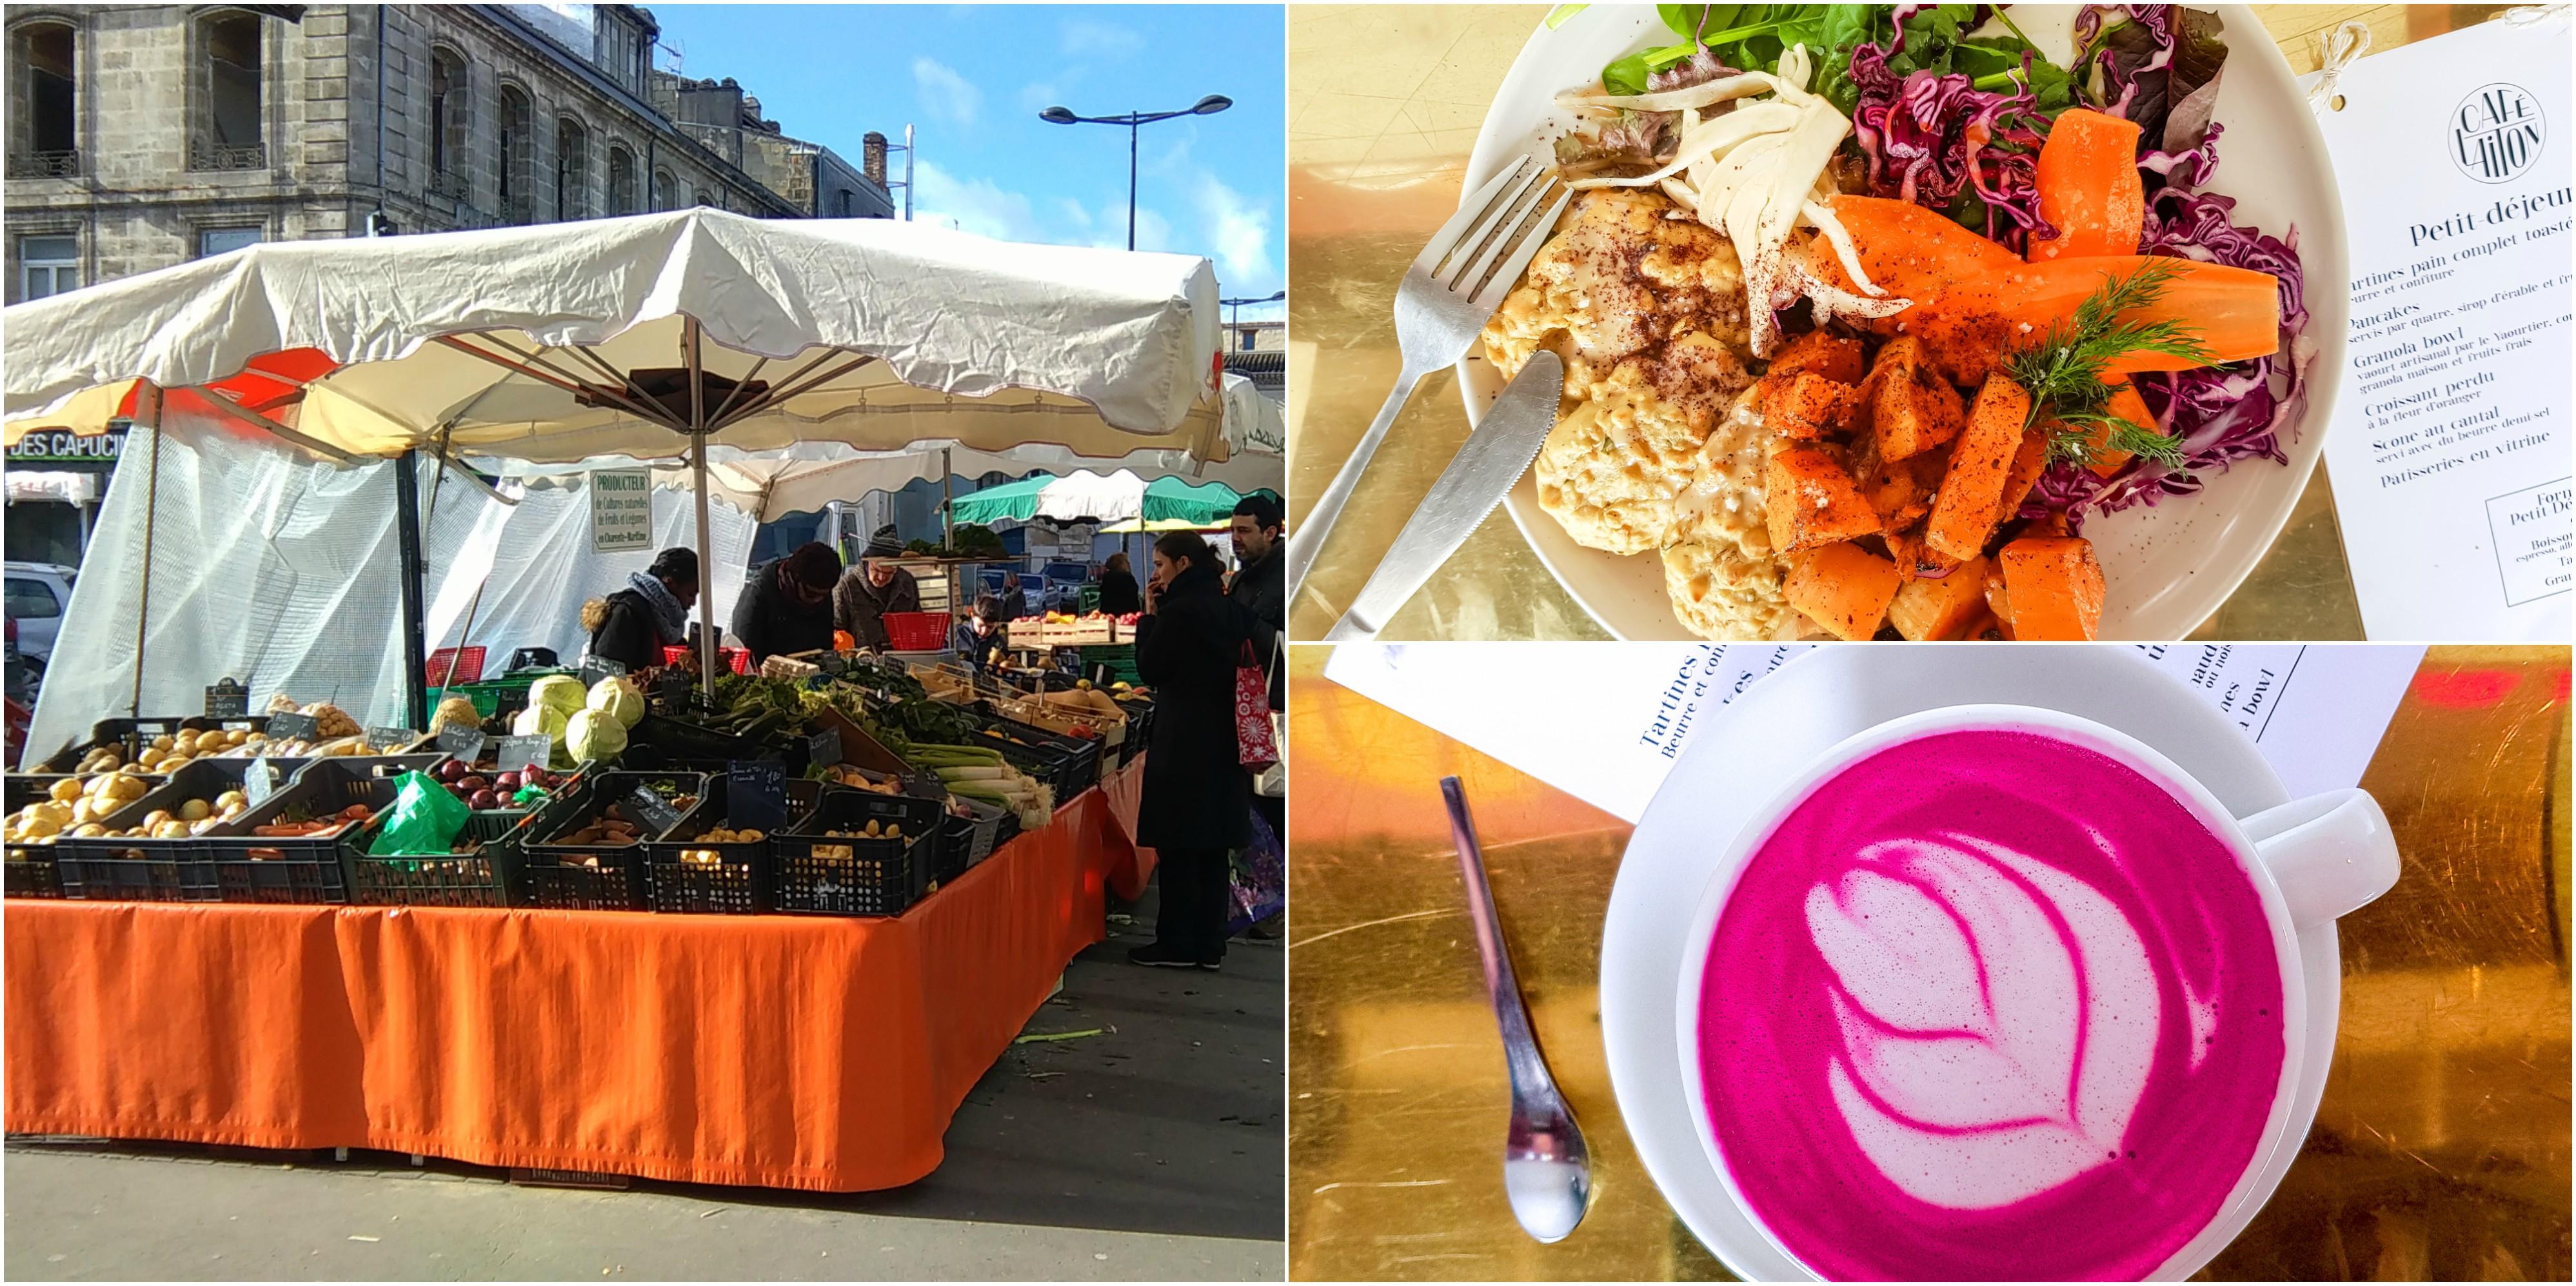 marché-des-capucins-café-laiton-bordeaux-blog-bordelaise-by-mimi